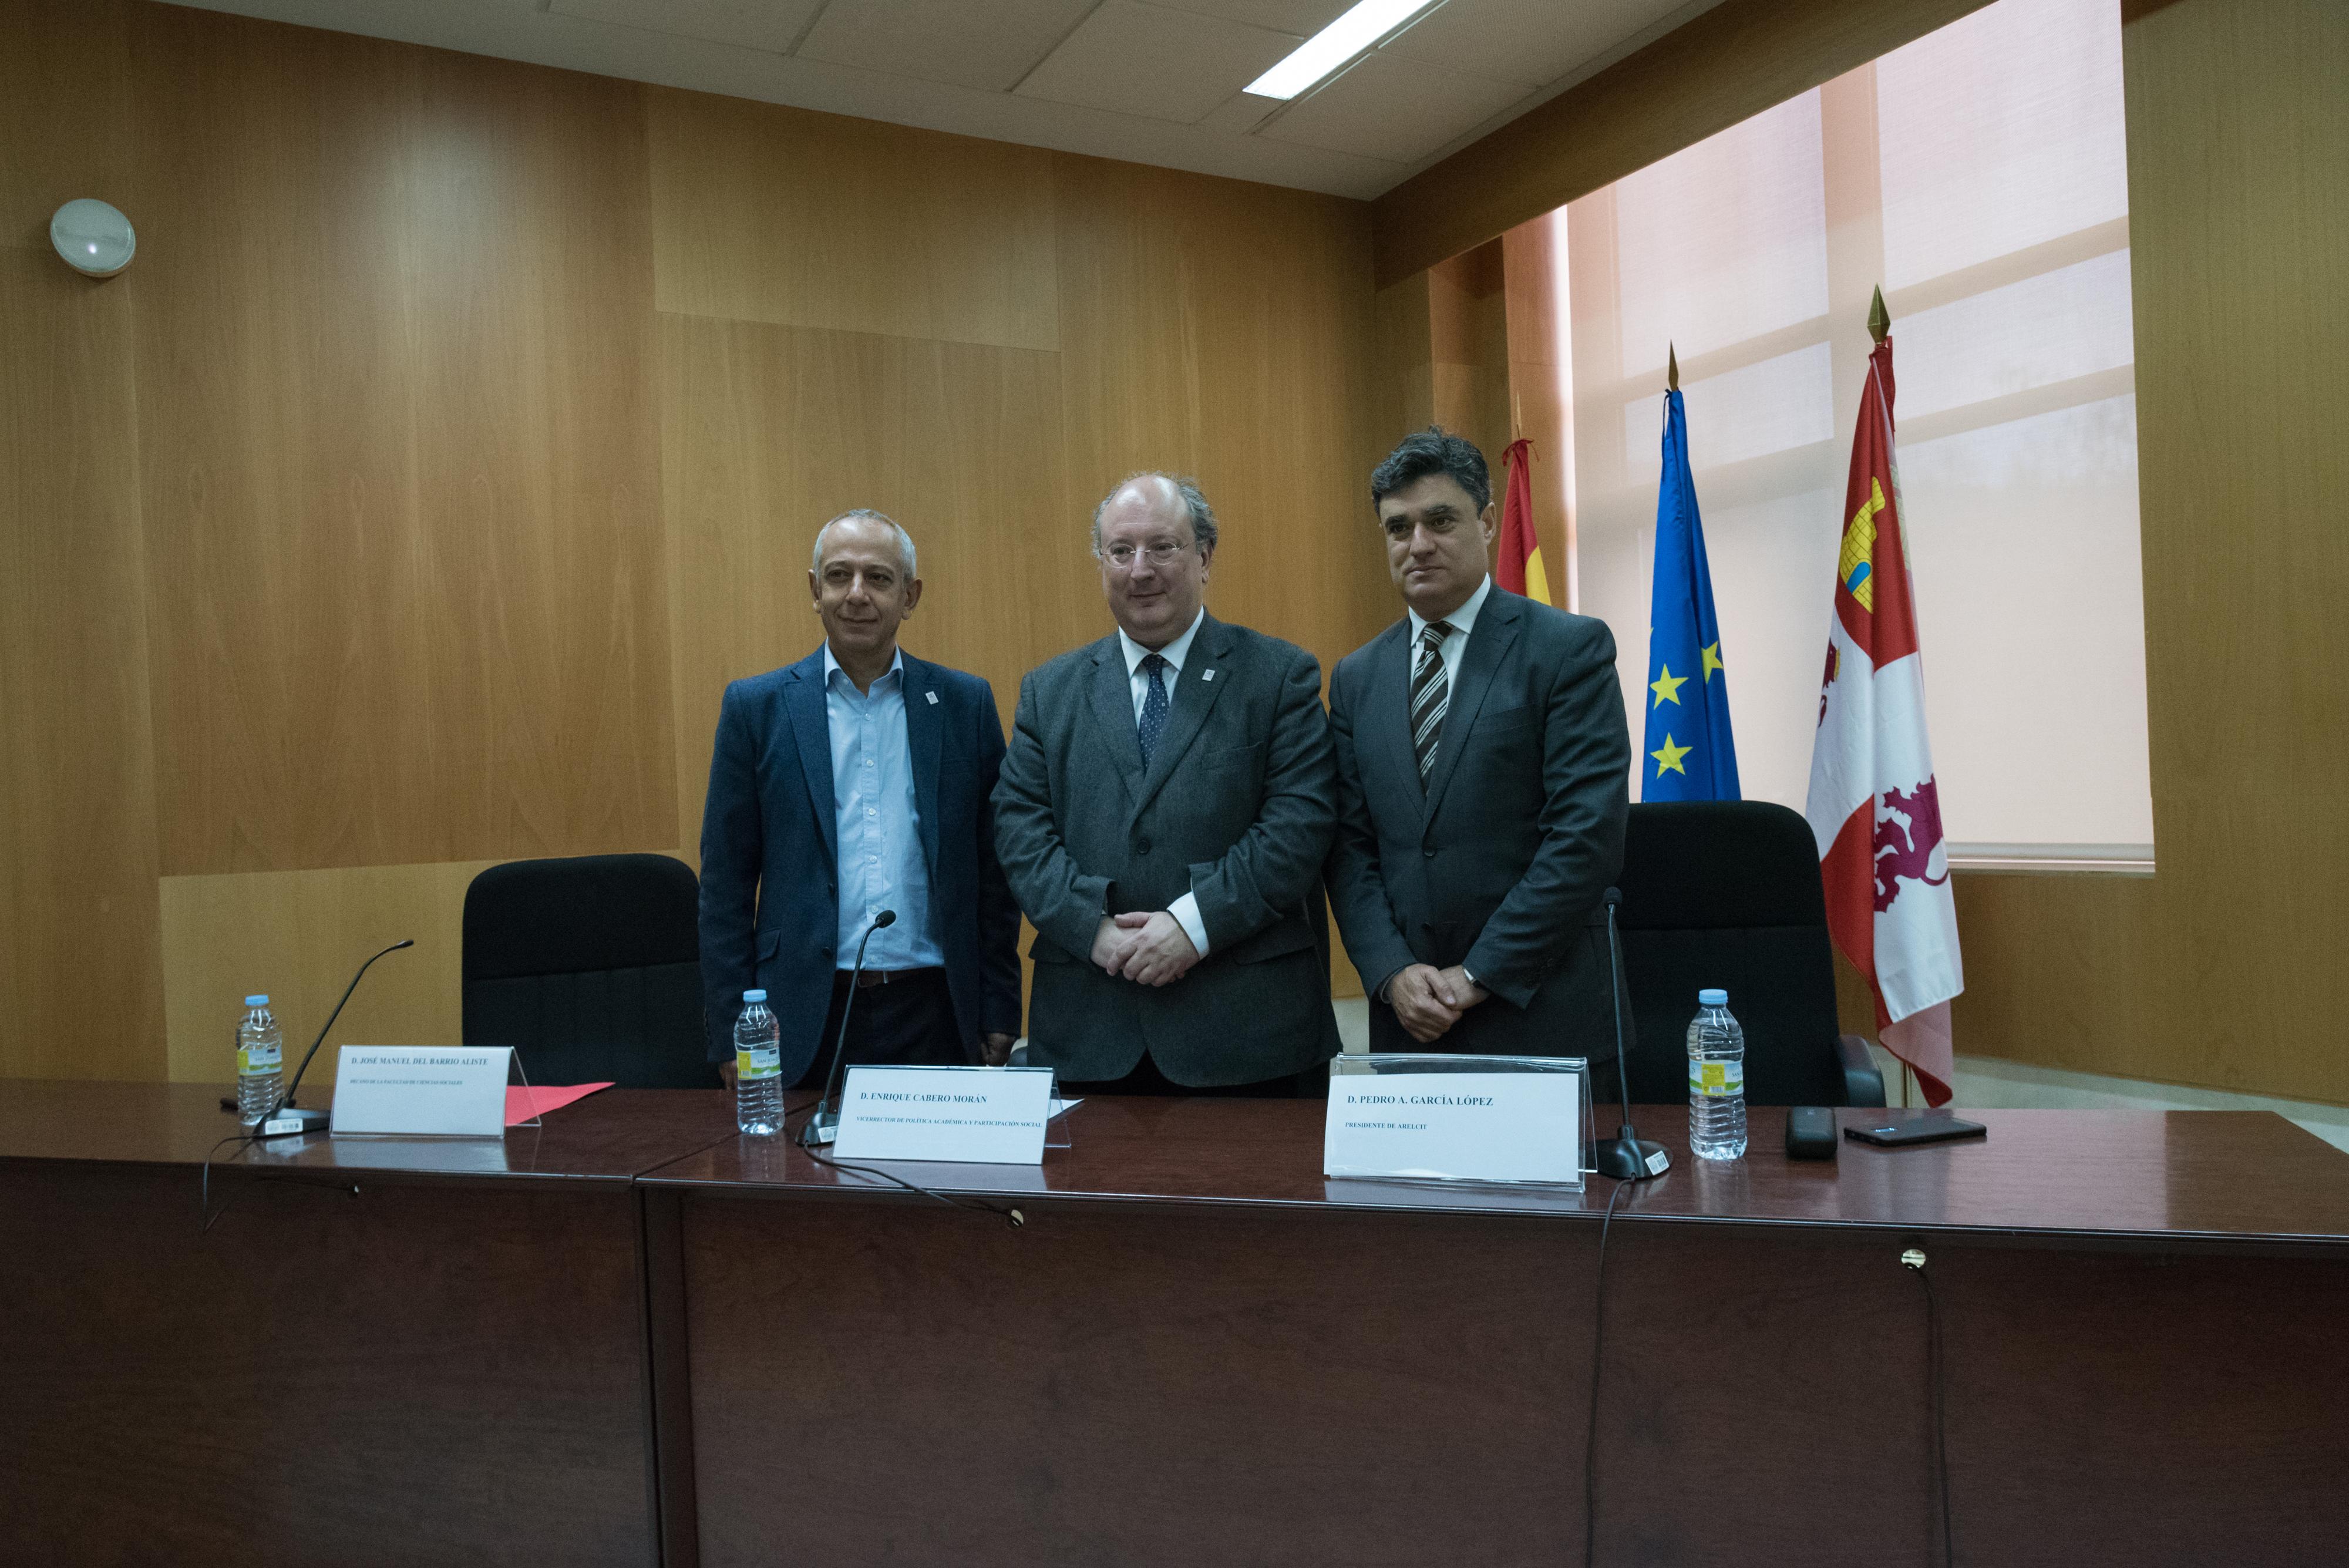 La Facultad de Ciencias Sociales acoge el 'Encuentro de la Asociación de Centros Universitarios de Relaciones Laborales y Ciencias del Trabajo'